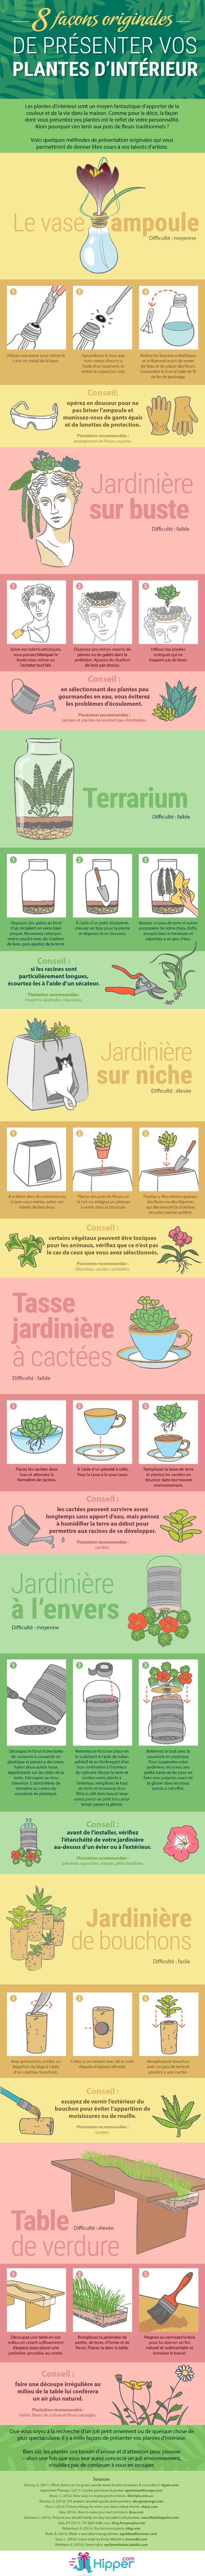 8 Façons de Présenter vos Plantes d'Intérieur